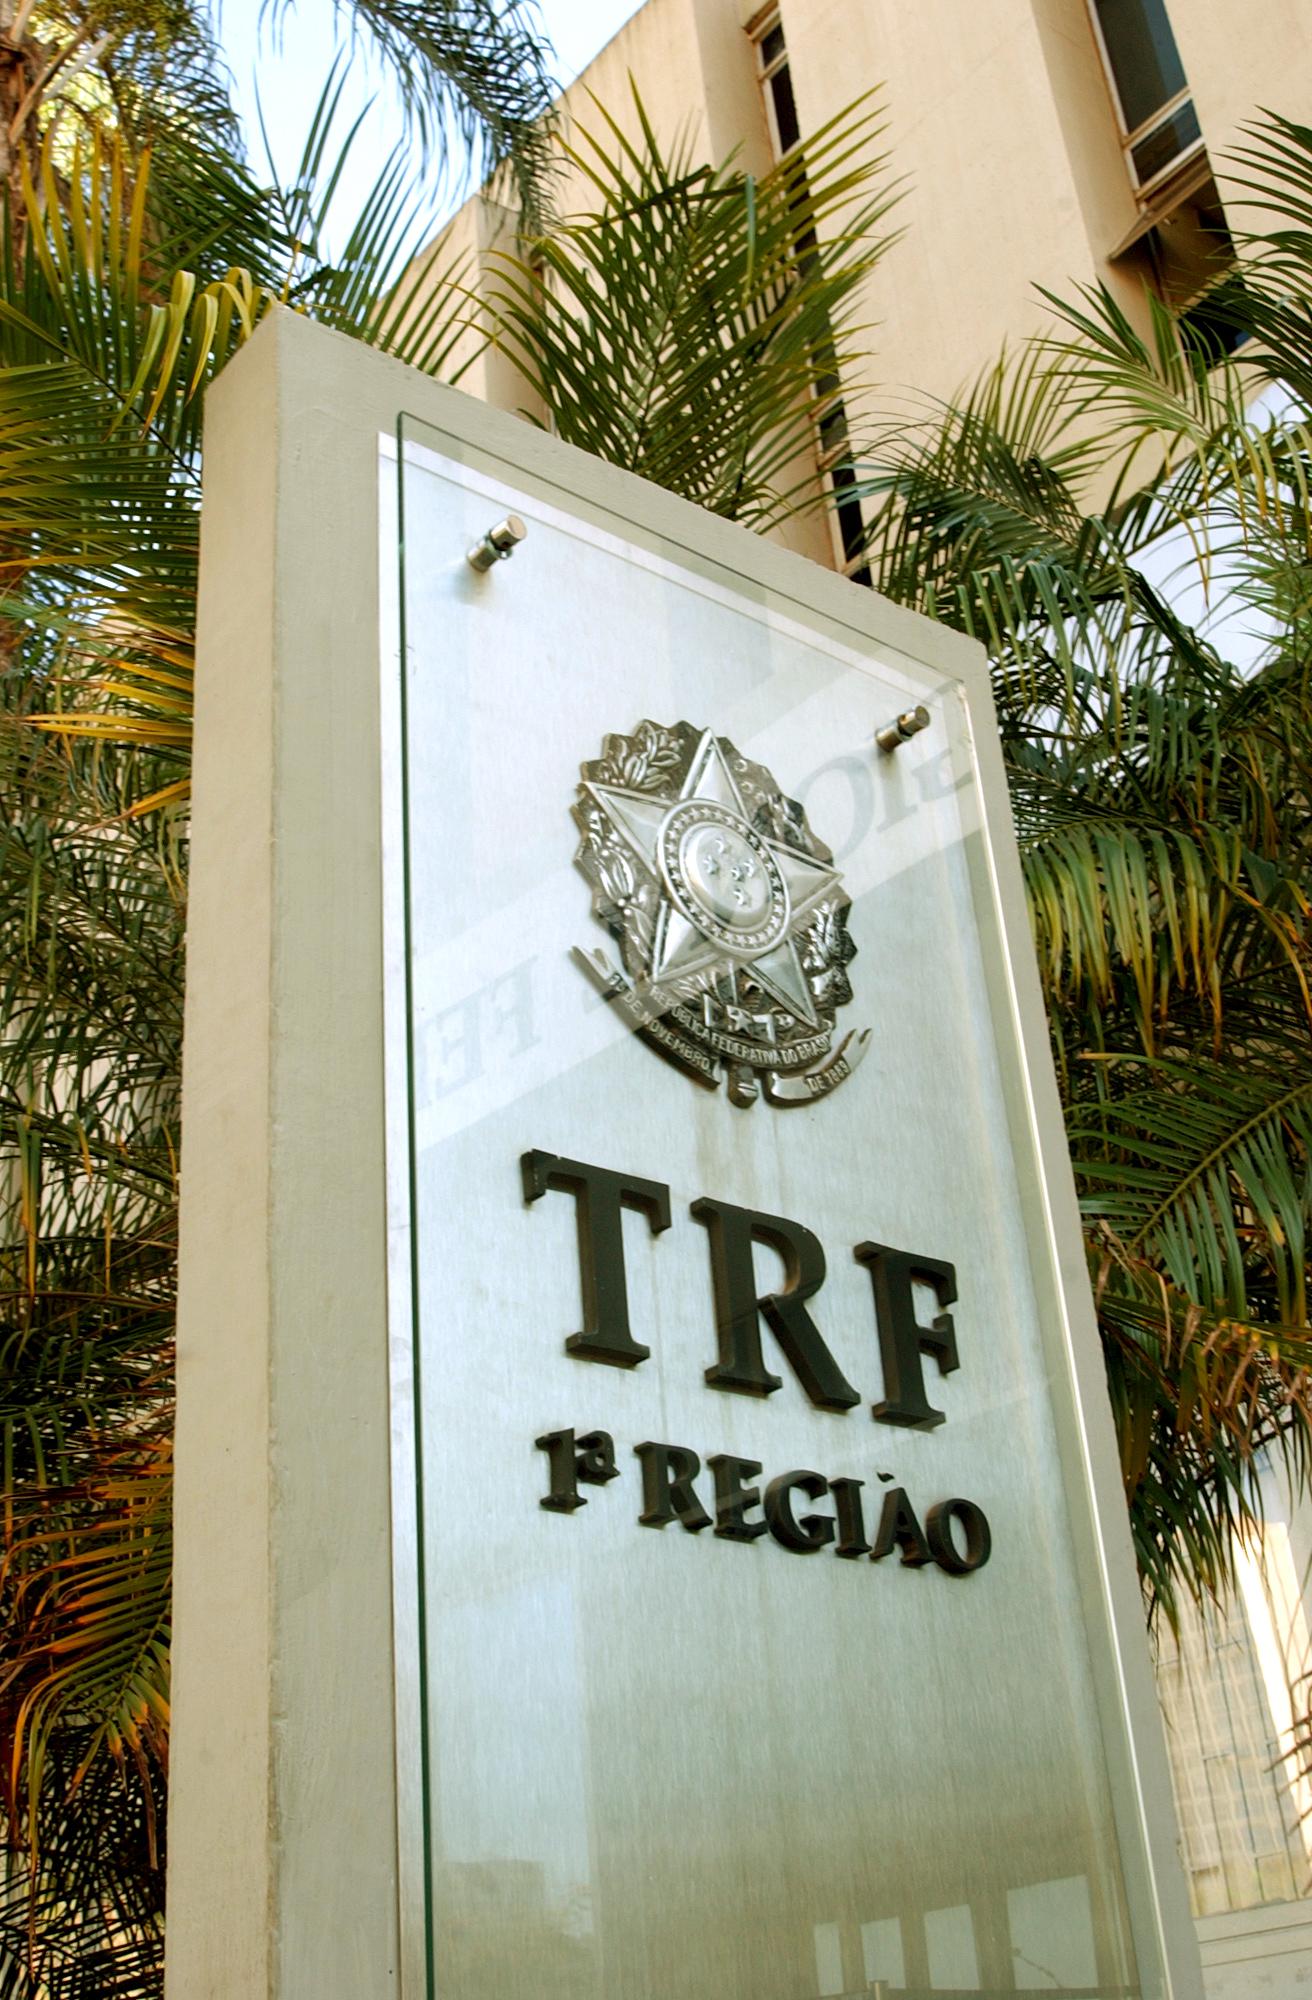 Discussão judicial do crédito tributário em ação anulatória de débito fiscal não garante a município a emissão de Certidão Negativa Débito junto aos órgãos competentes